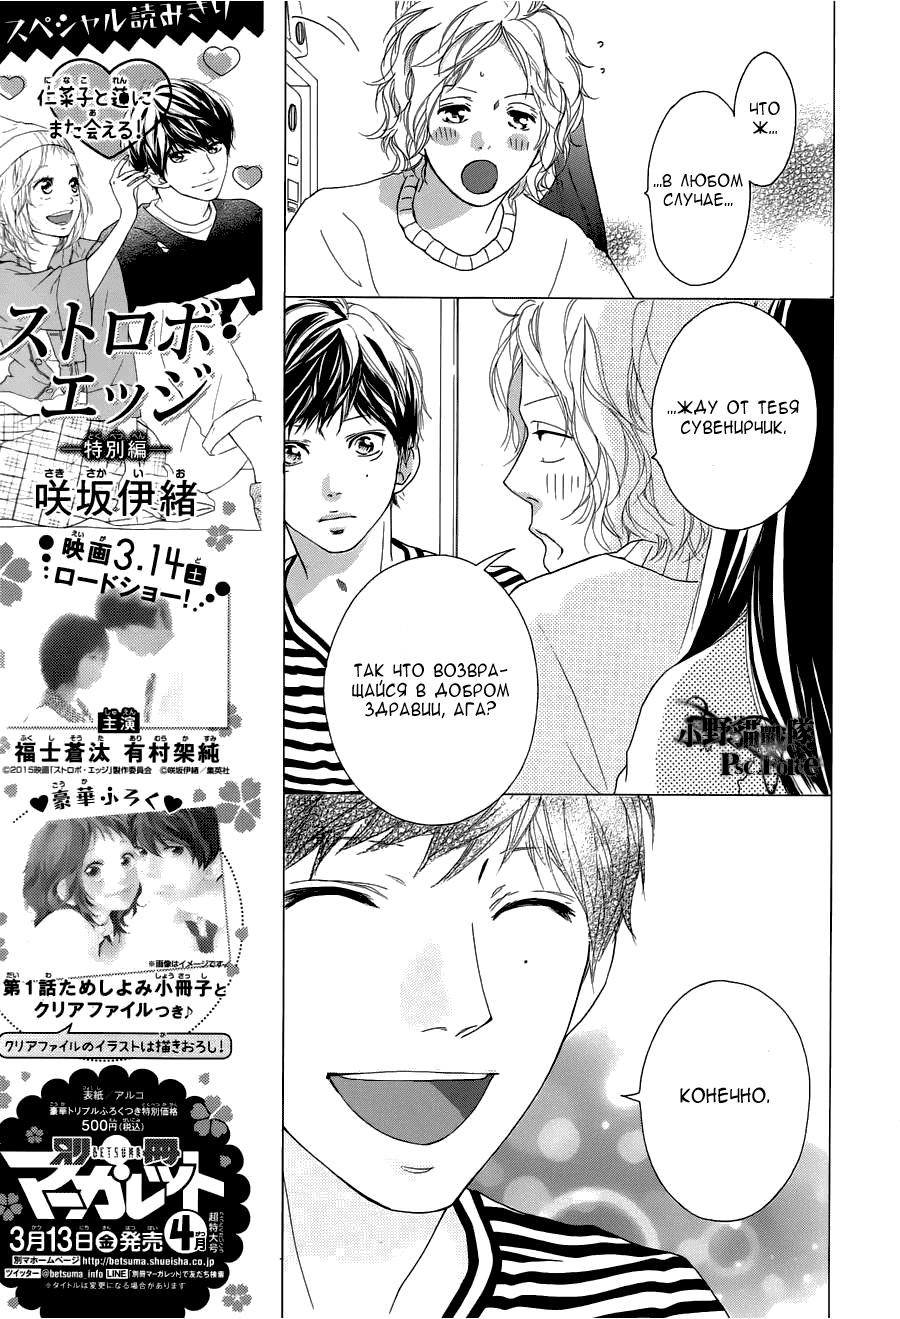 Манга Неудержимая юность / Blue Spring Ride - Том 13 Глава 49 Страница 29